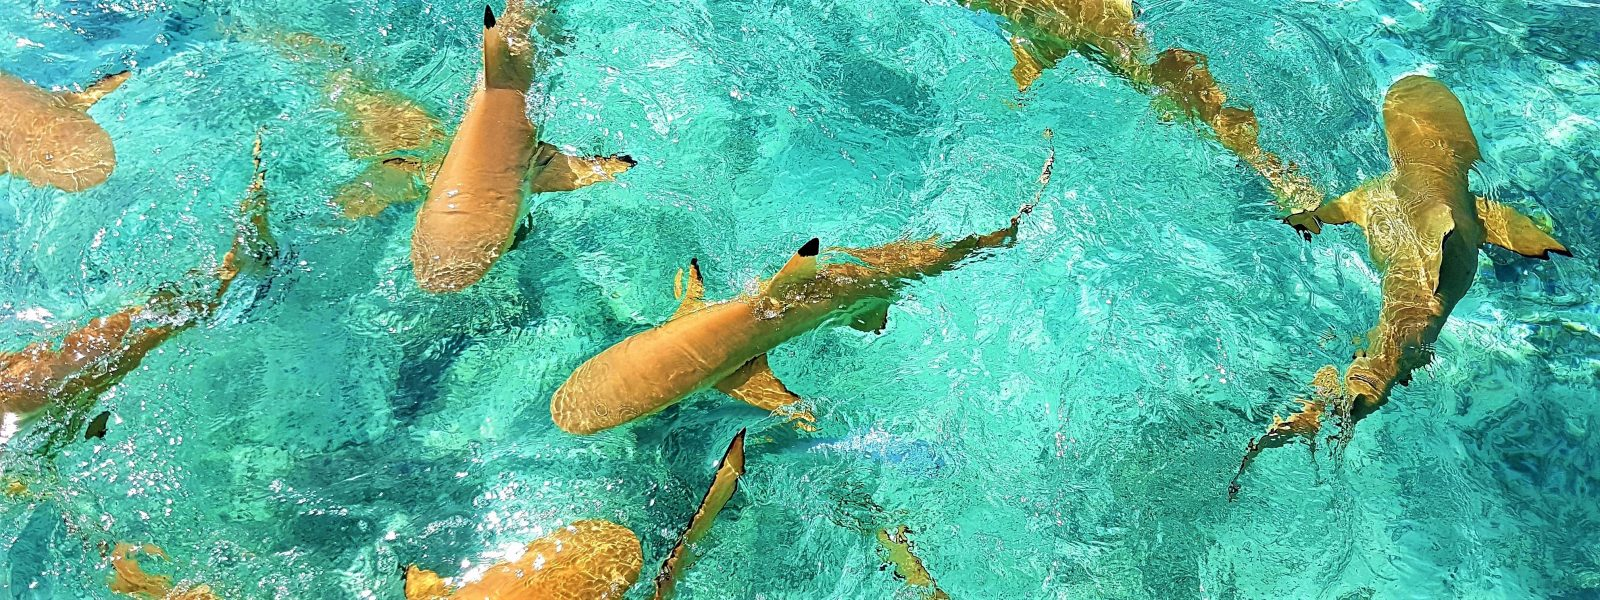 50 odtenkov modrine v laguni Bora Bore